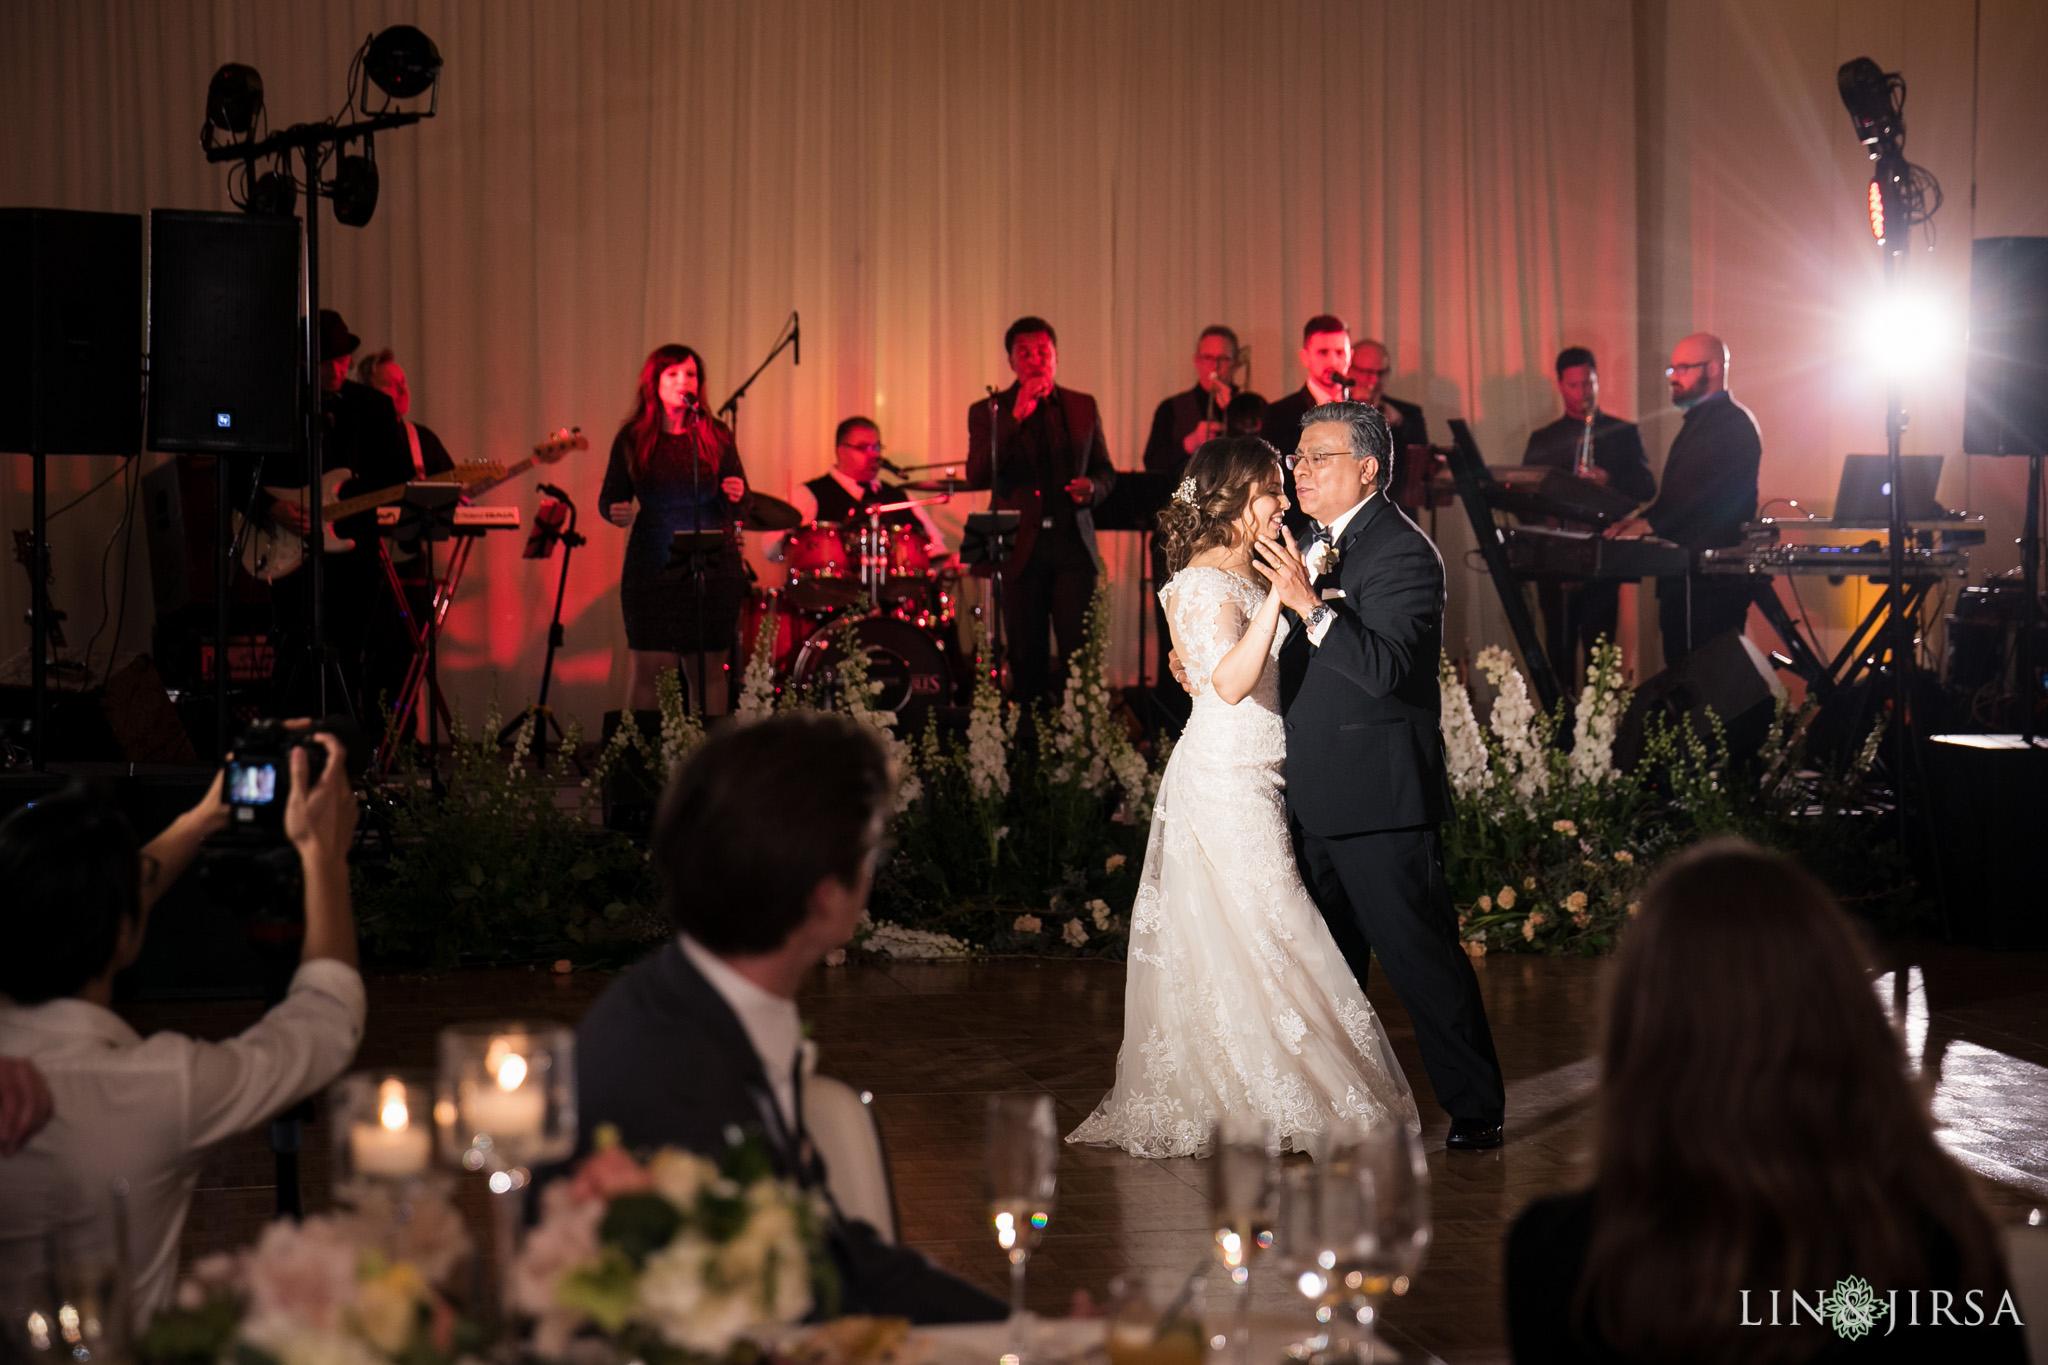 31 estancia la jolla hotel and spa wedding reception photography